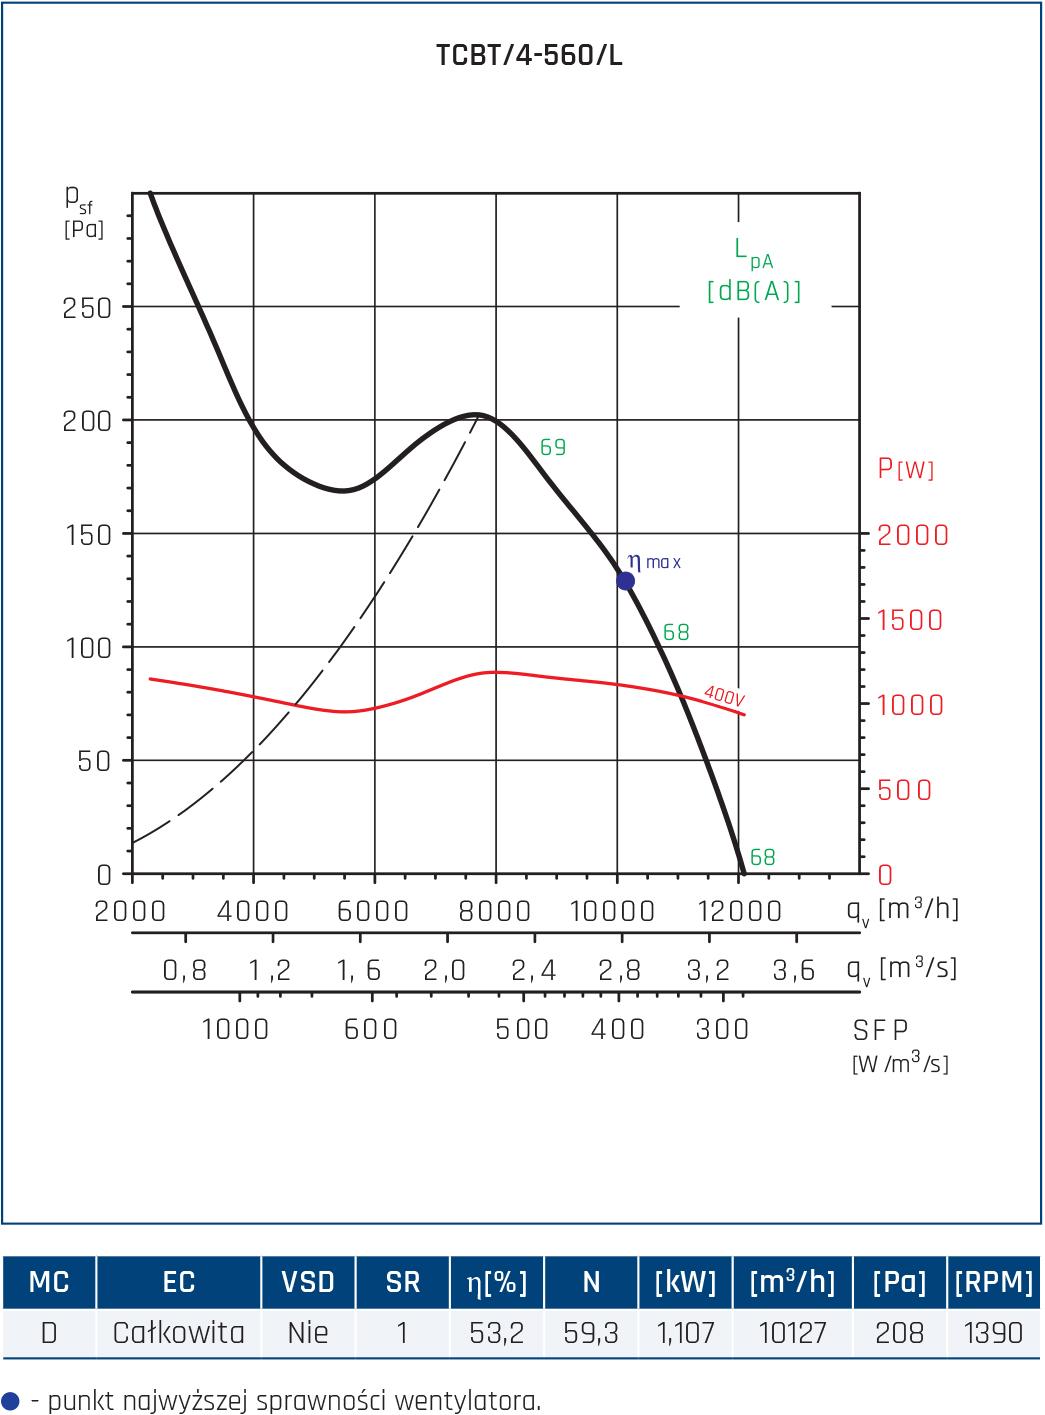 Wentylator Compact TCBB/TCBT 40